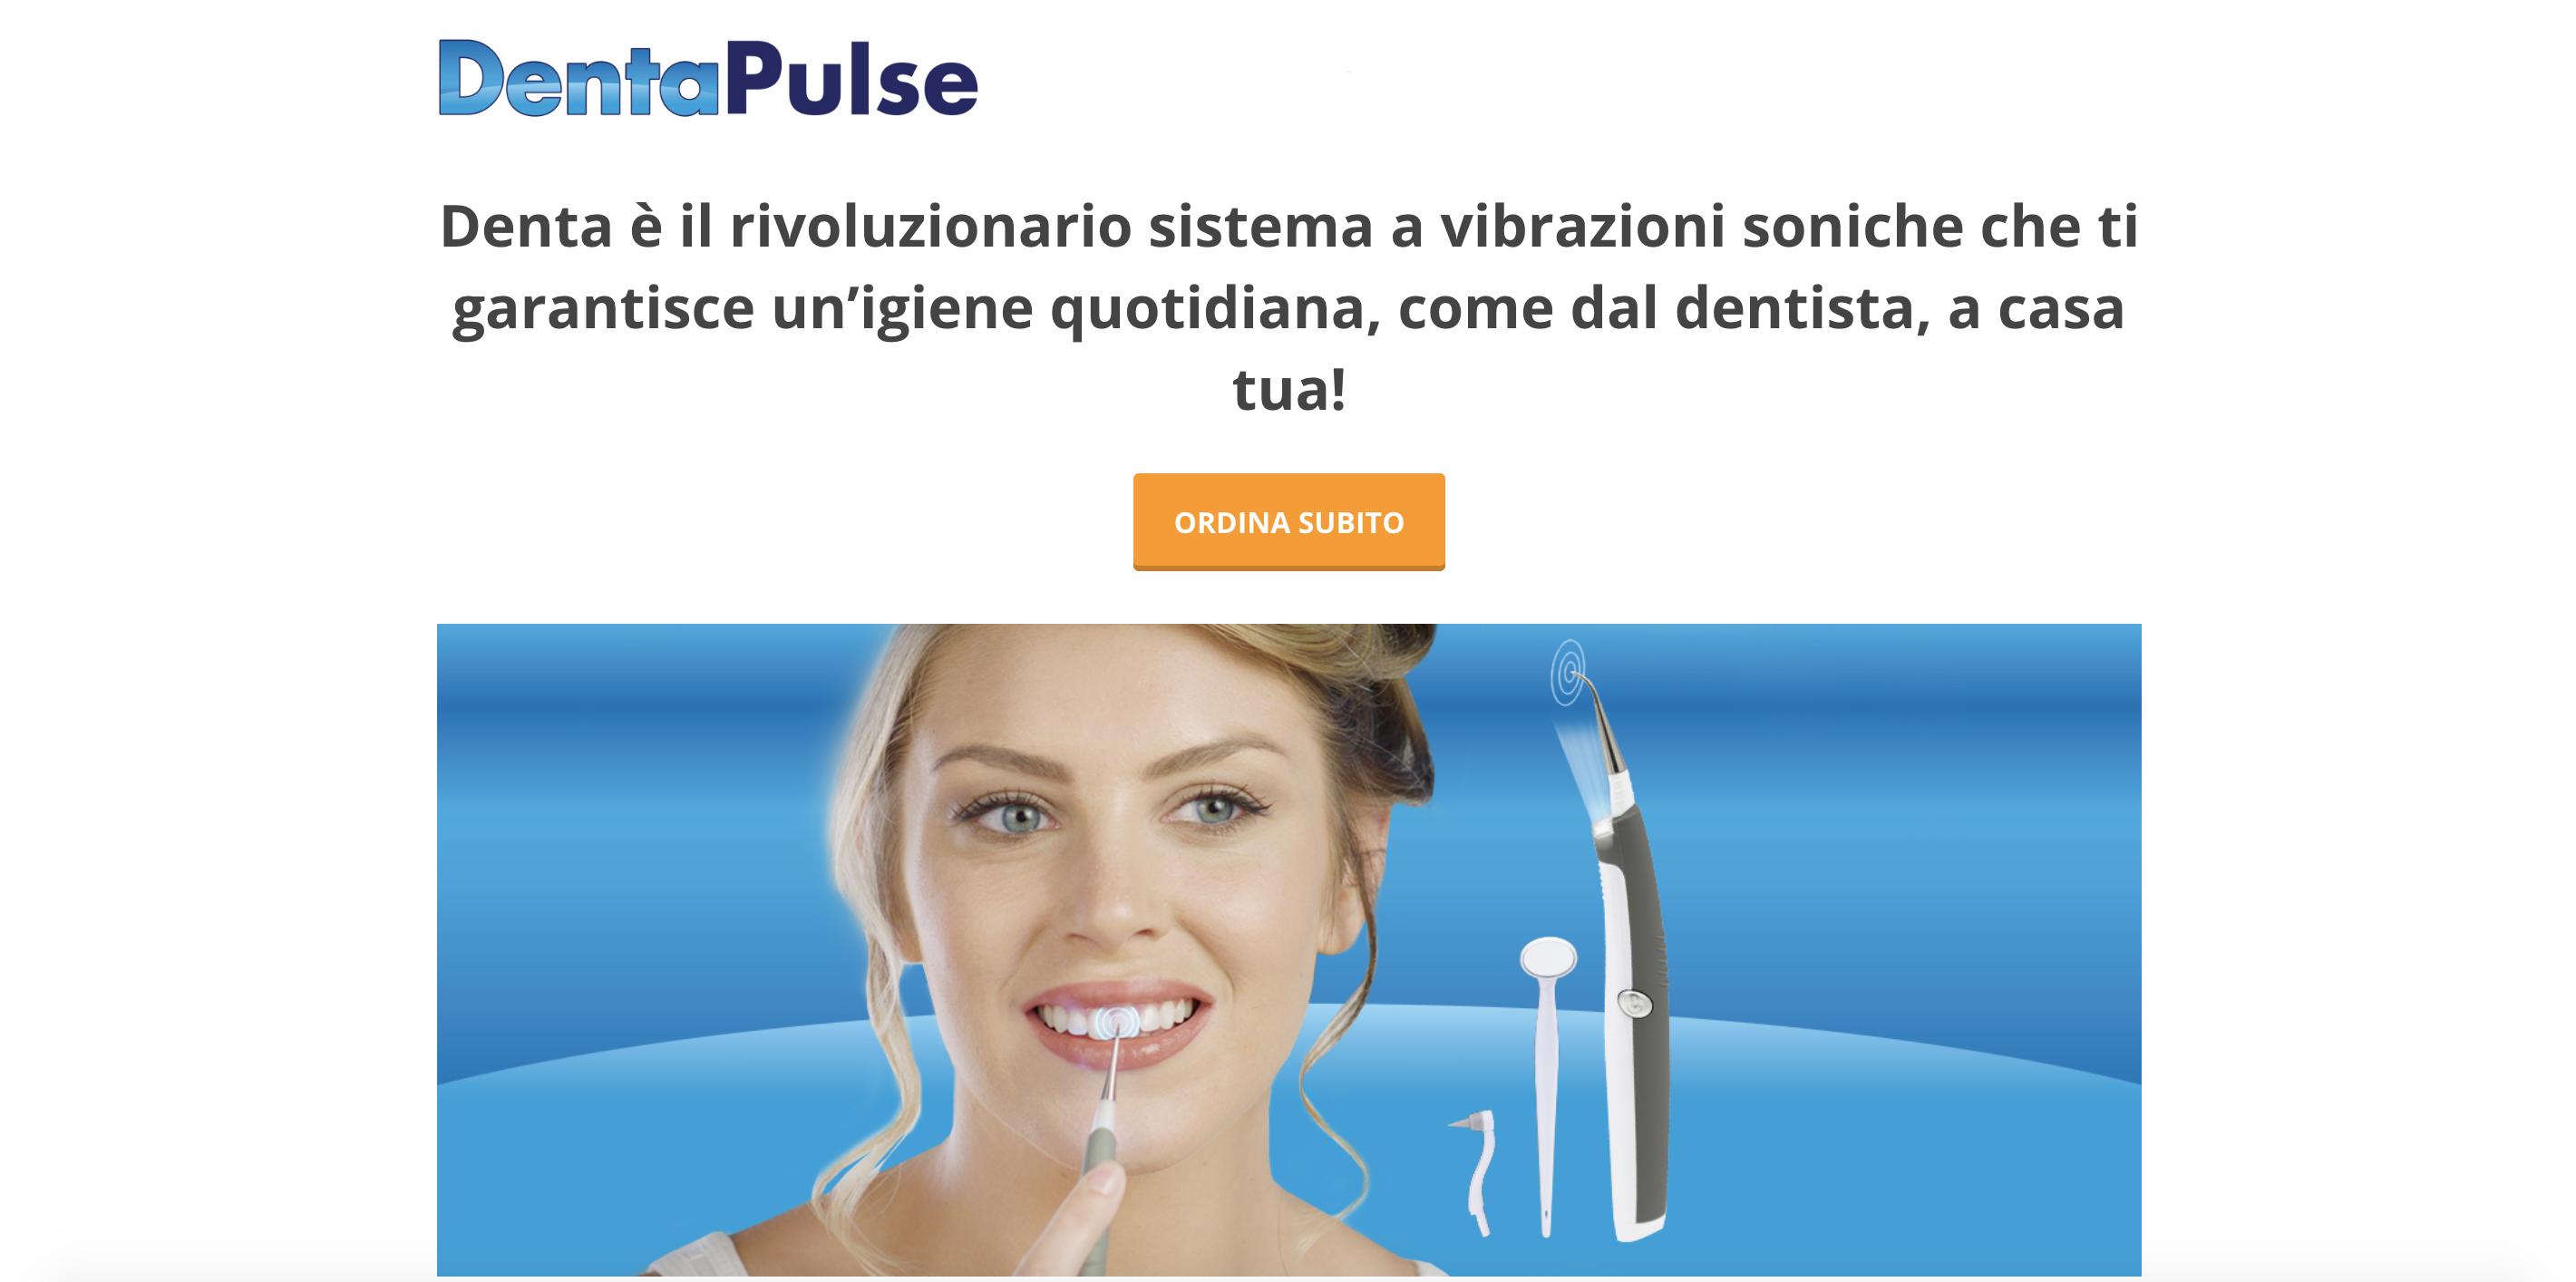 Denta Pulse: recensione sullo sbiancamento dentale led